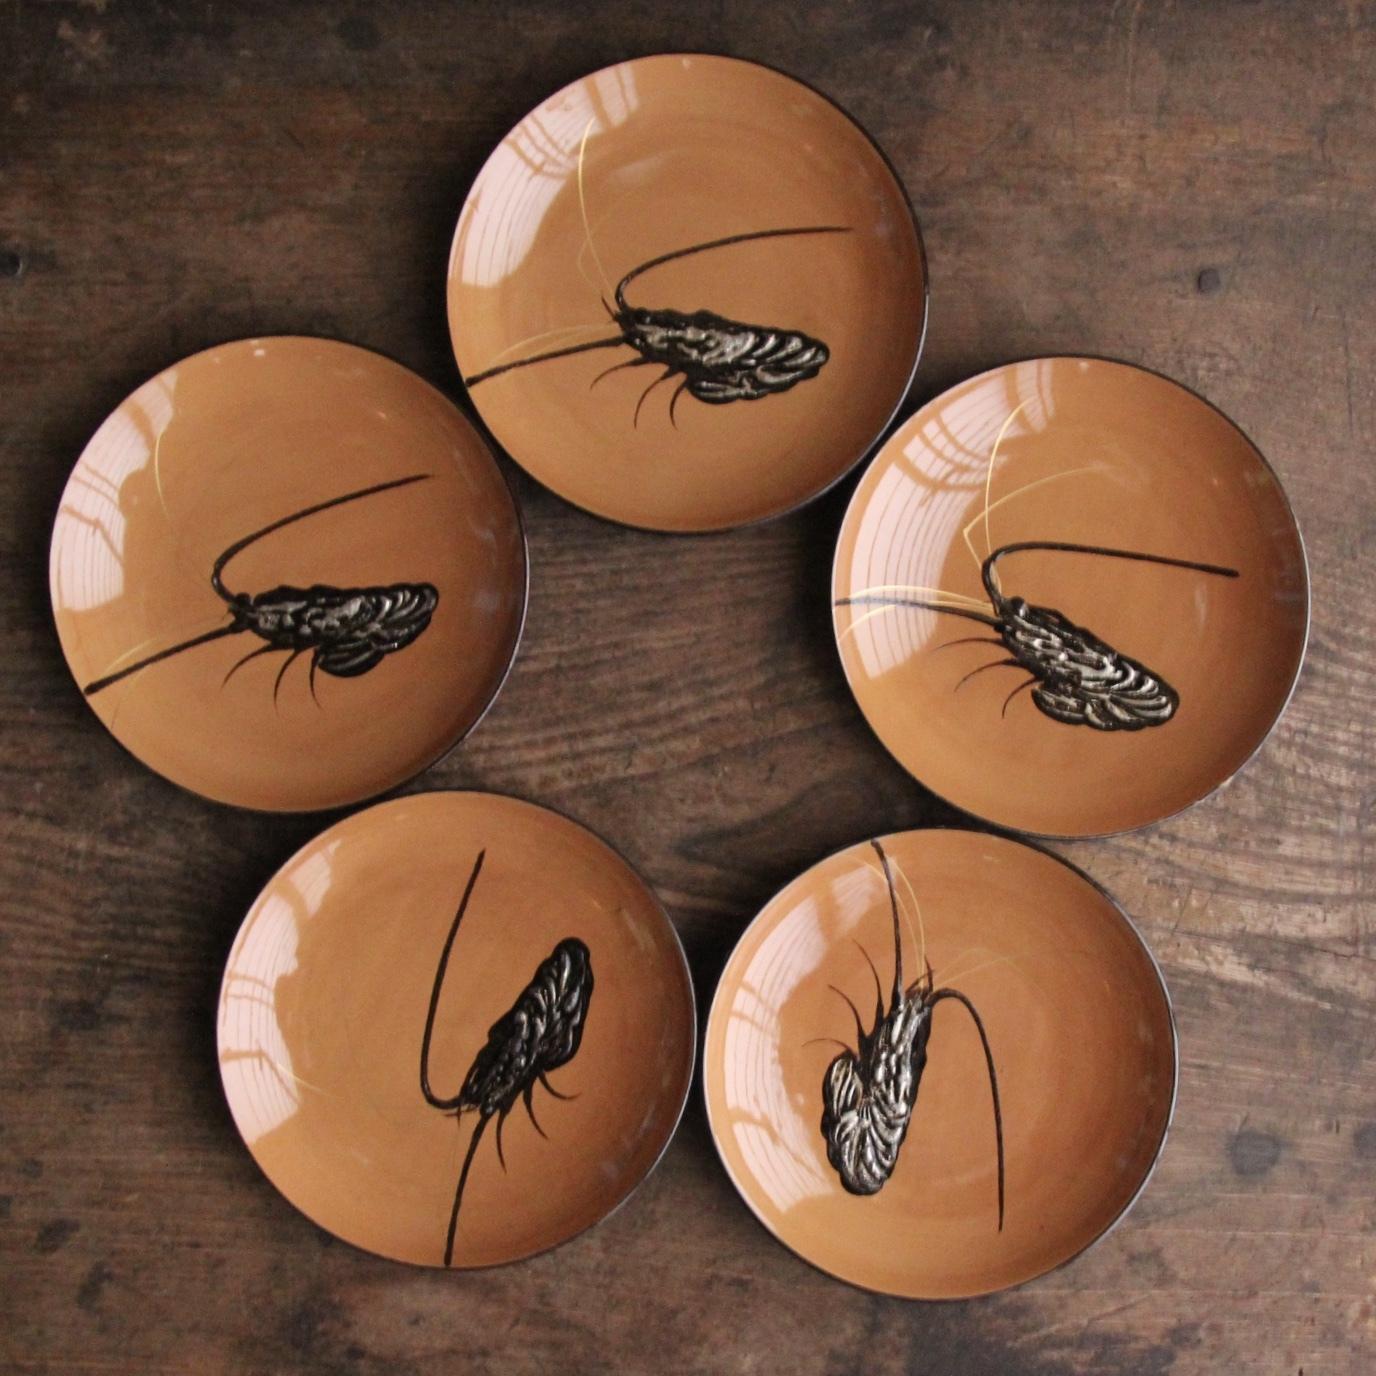 天然木 漆塗 銀海老の小皿5枚セット